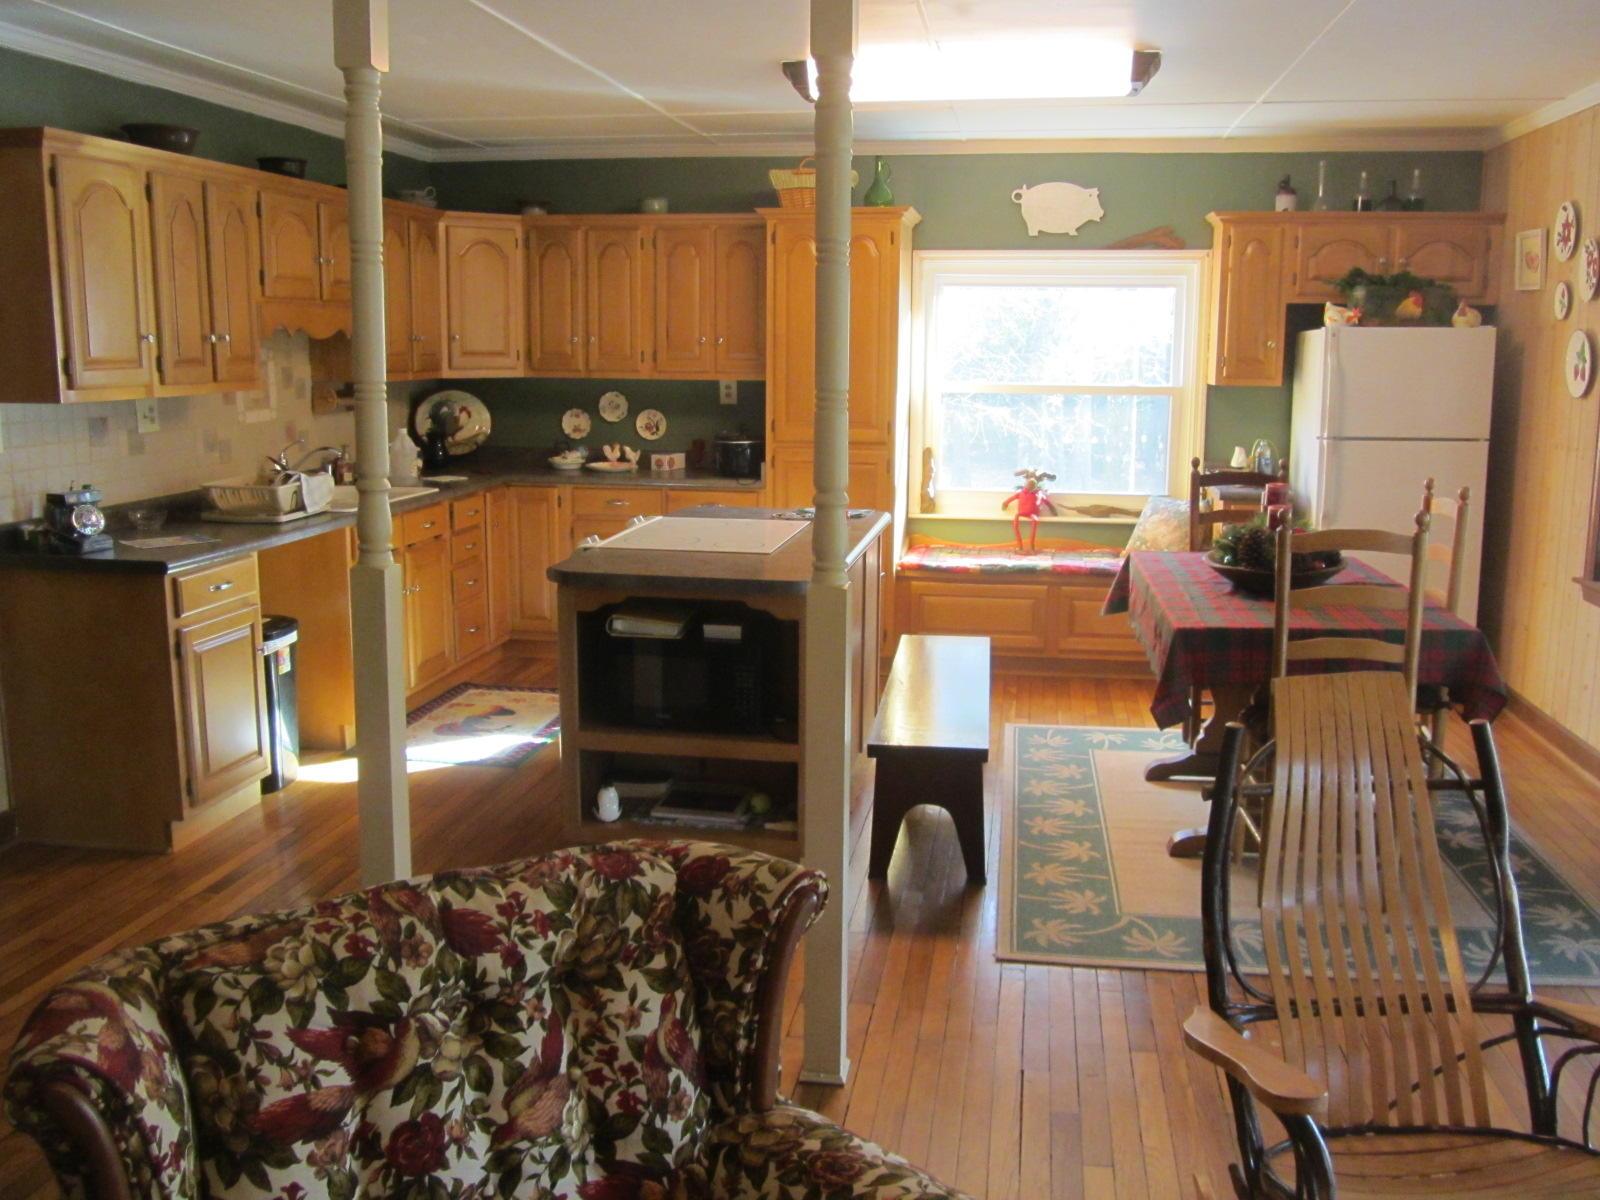 Edisto River Homes For Sale - 265 Blackwater, Round O, SC - 9